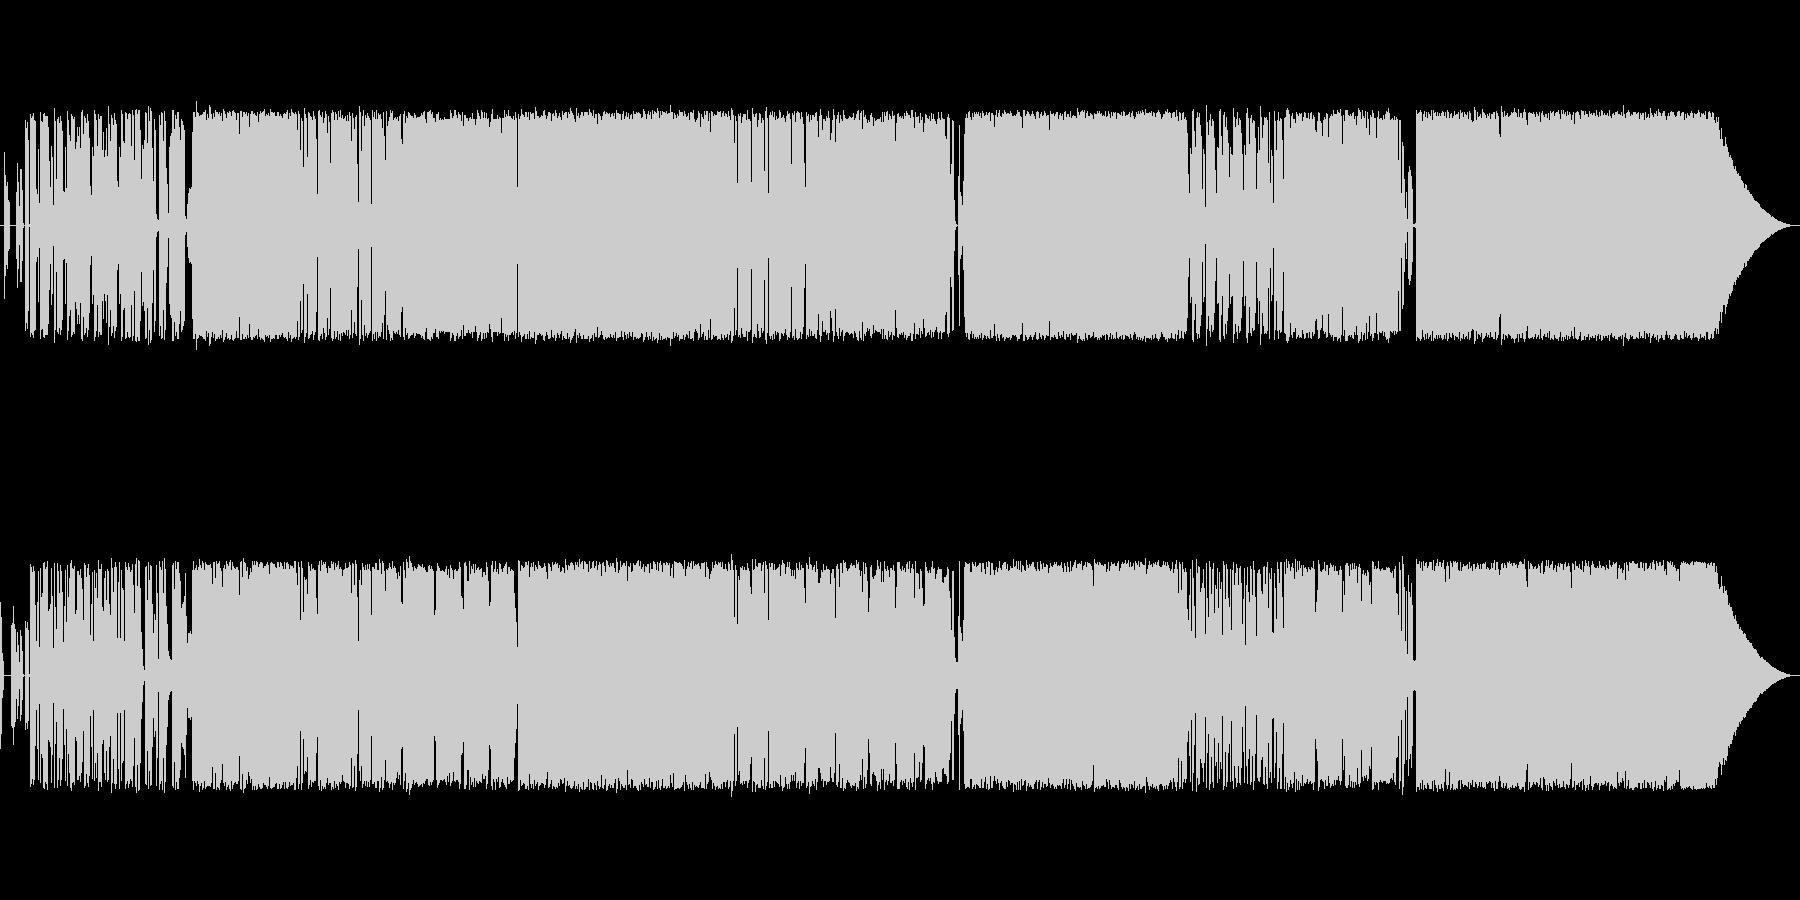 過激な歌詞と曲調のロックポップスの未再生の波形